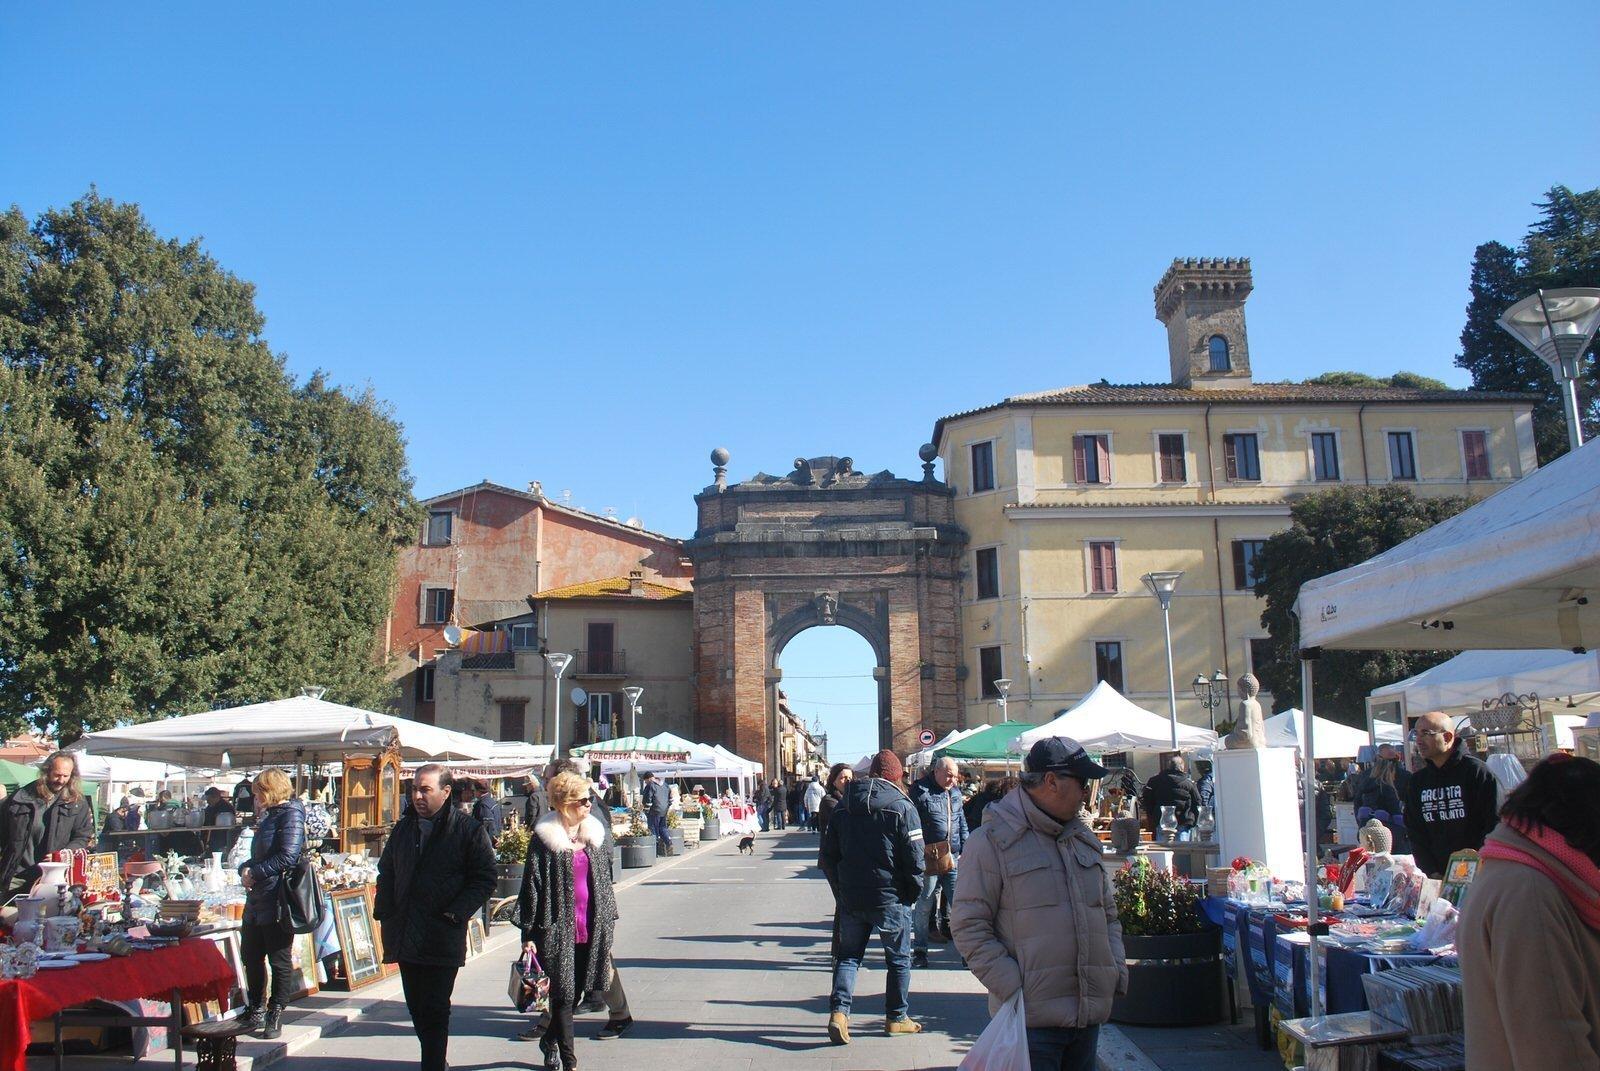 Mercatino di antiquariato e artigianato a campagnano for Il mercatino roma